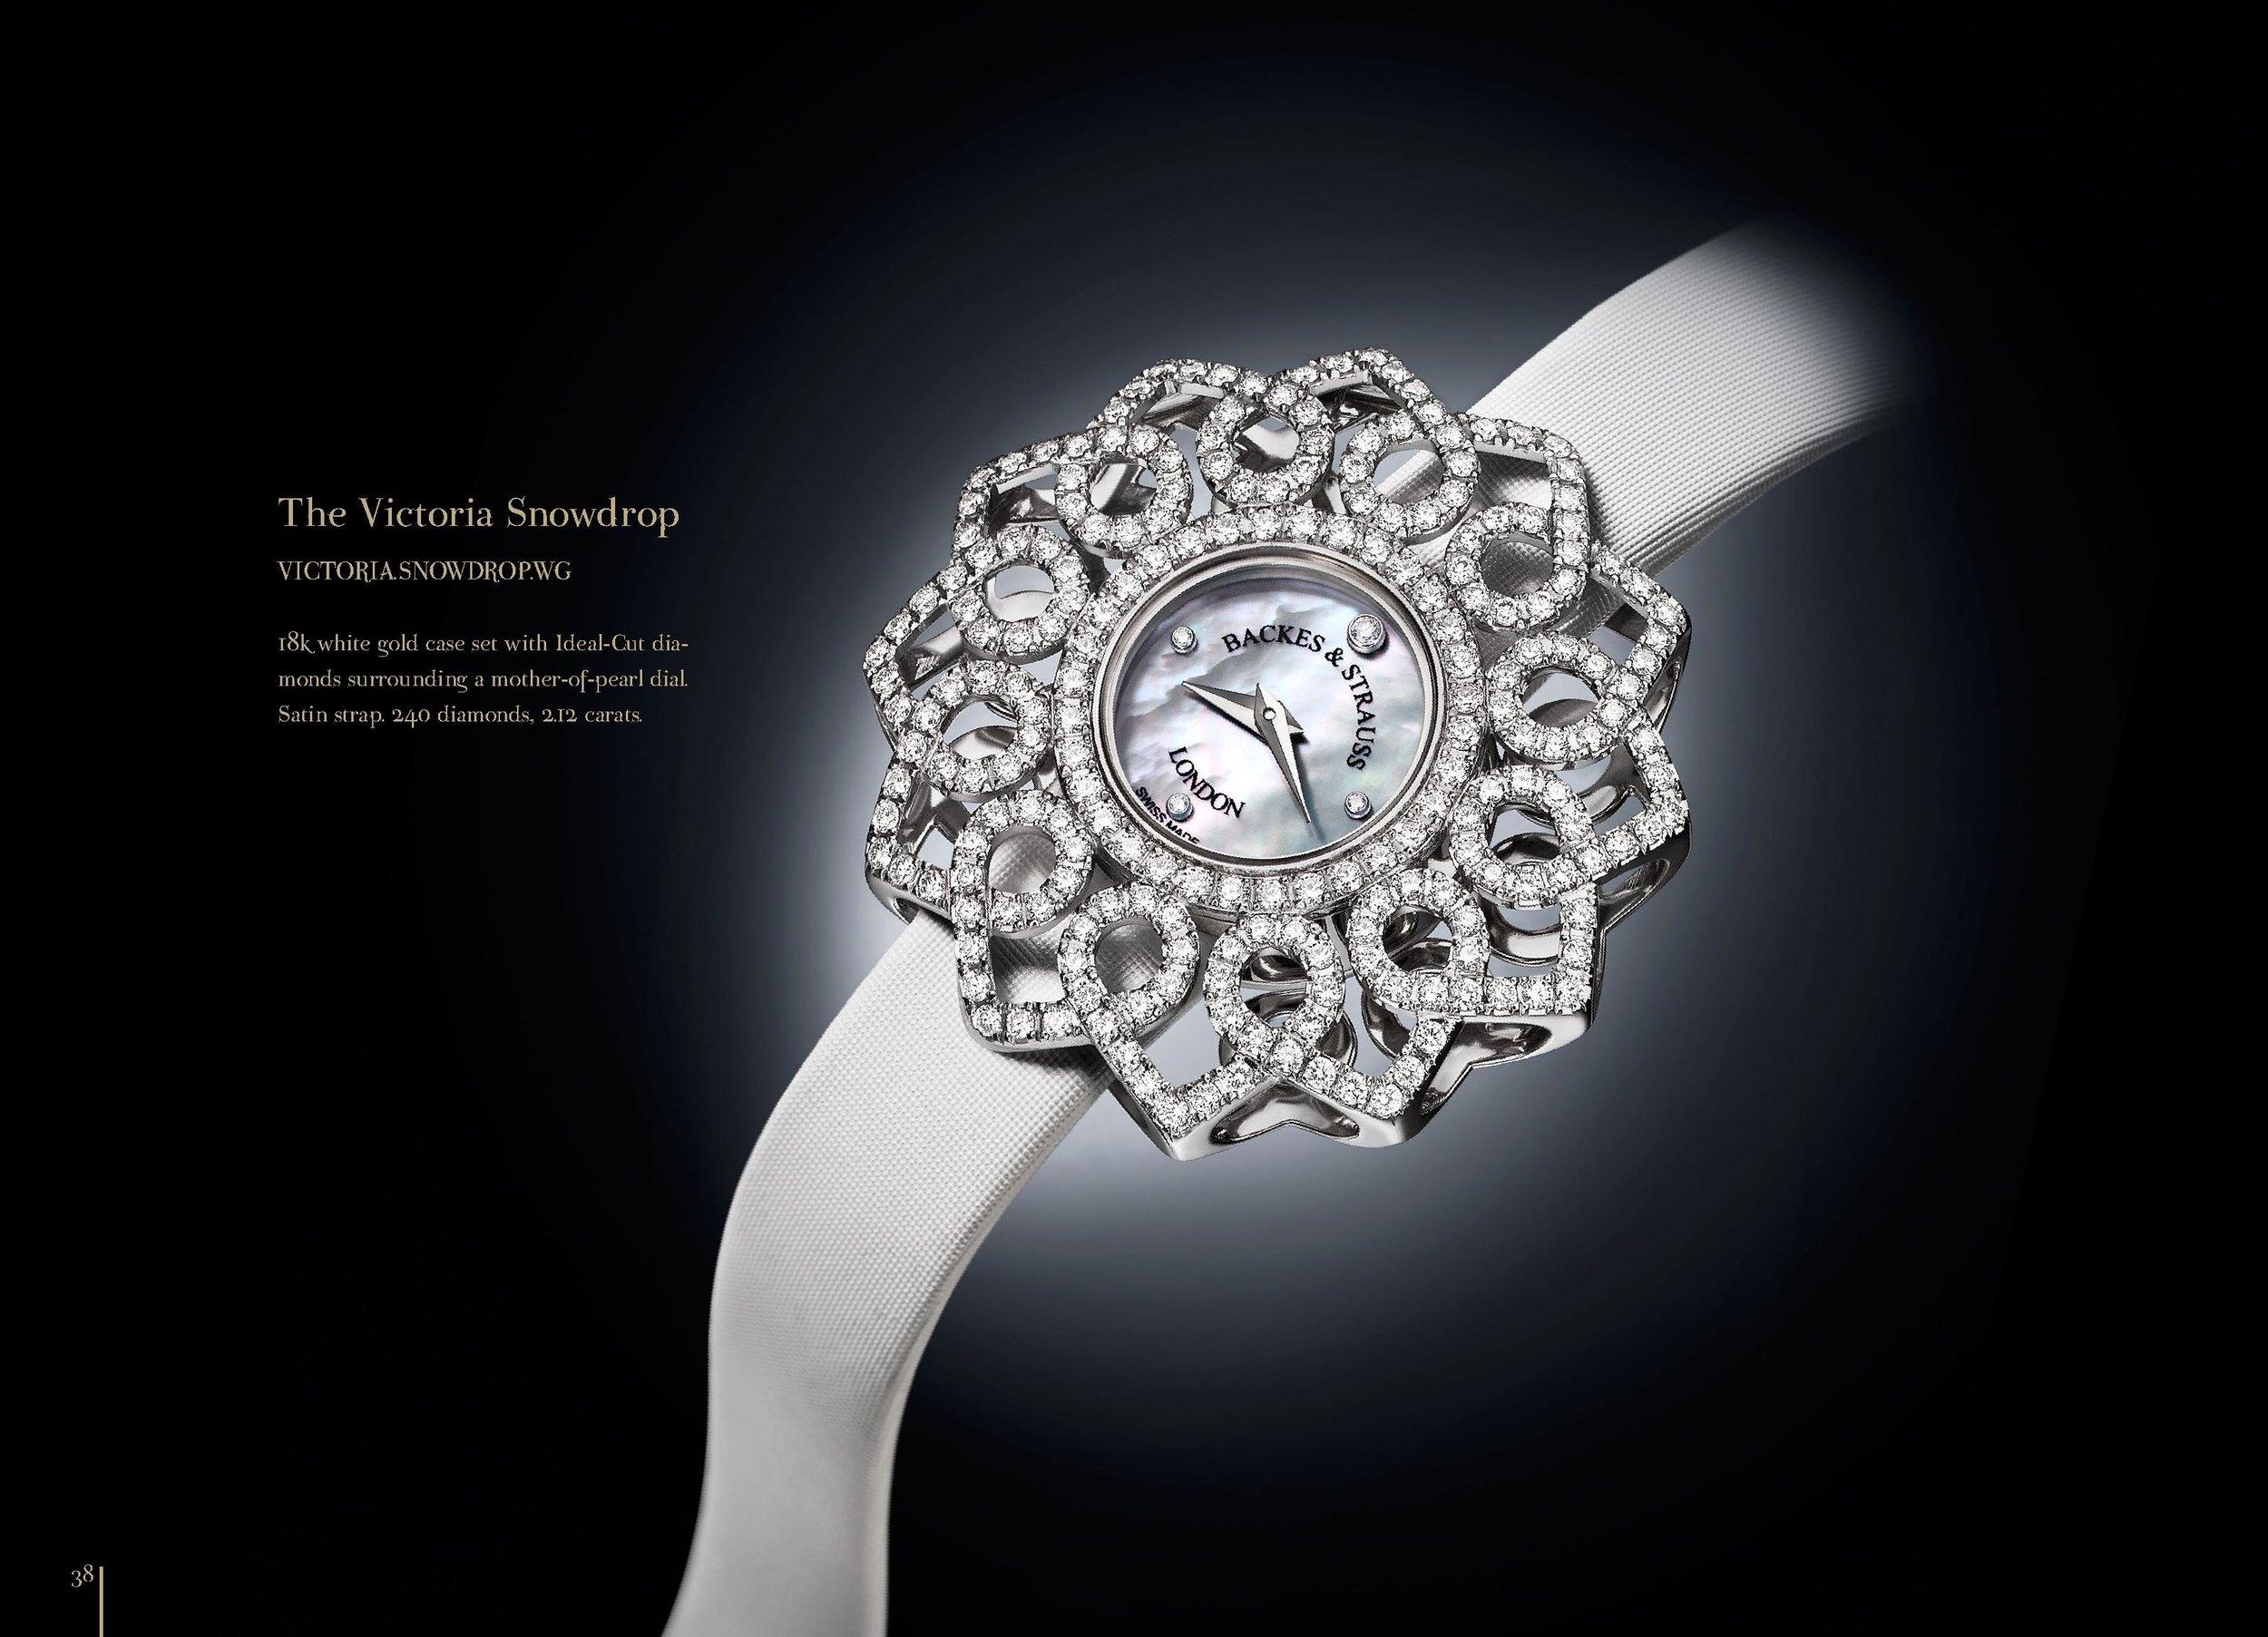 Victoria Snowdrop watch